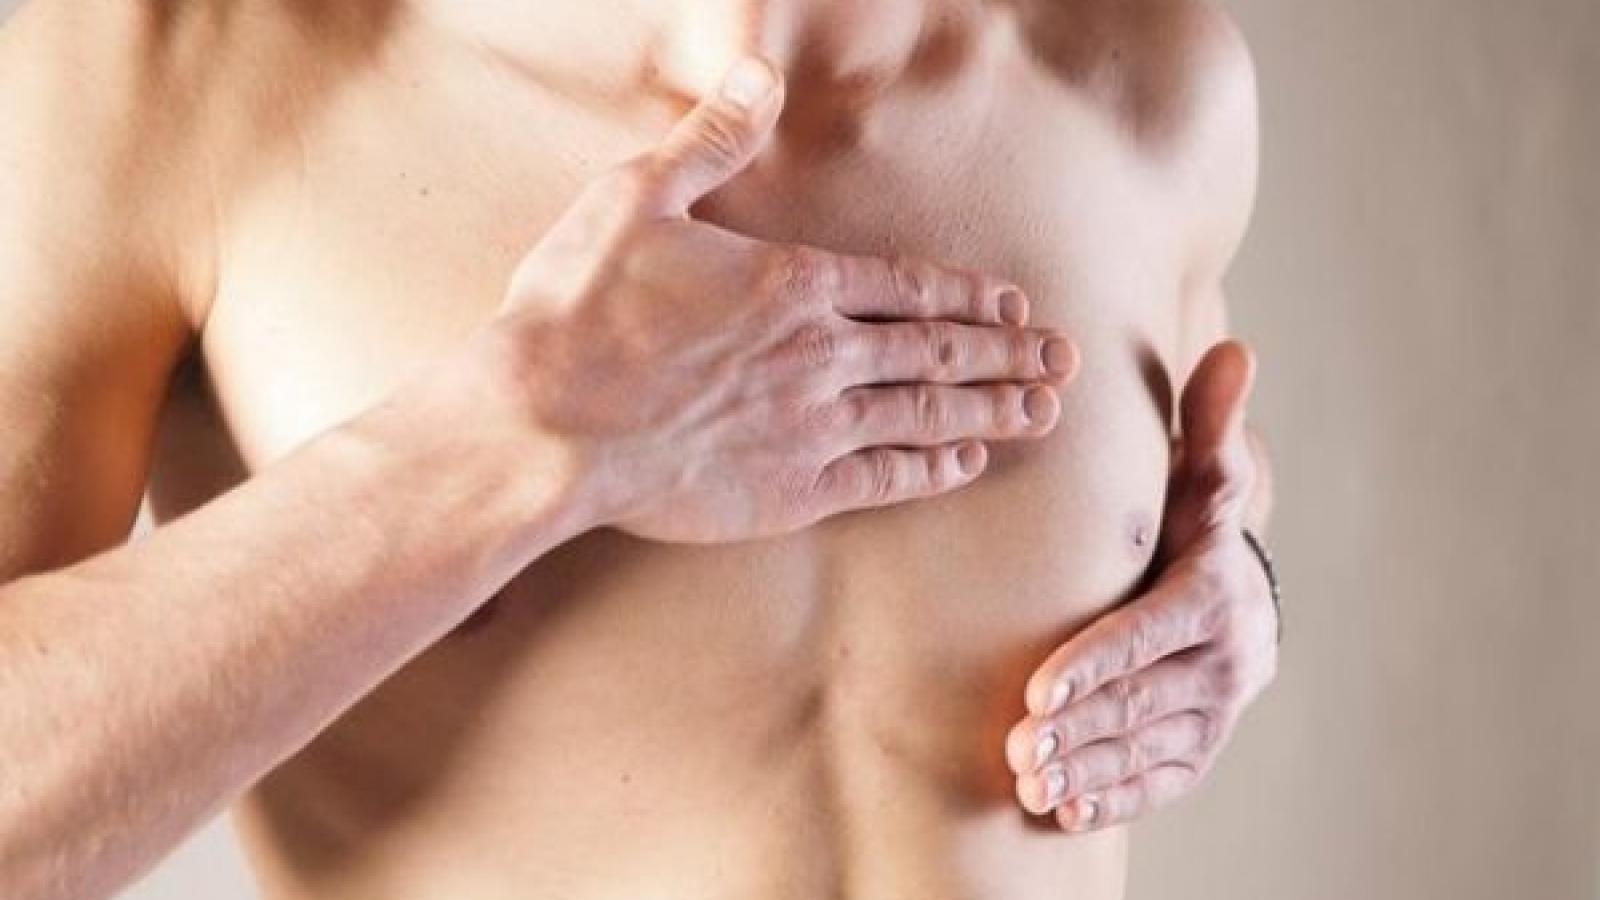 clinica de cirurgia plastica em santos dra ana lucia lemos ginecomastia 5